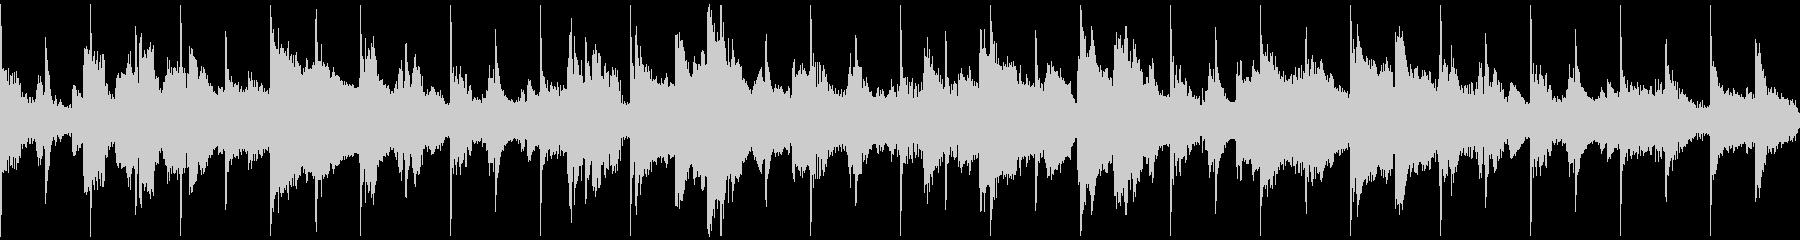 30秒ループ 臨場感あるサックスジャズ の未再生の波形